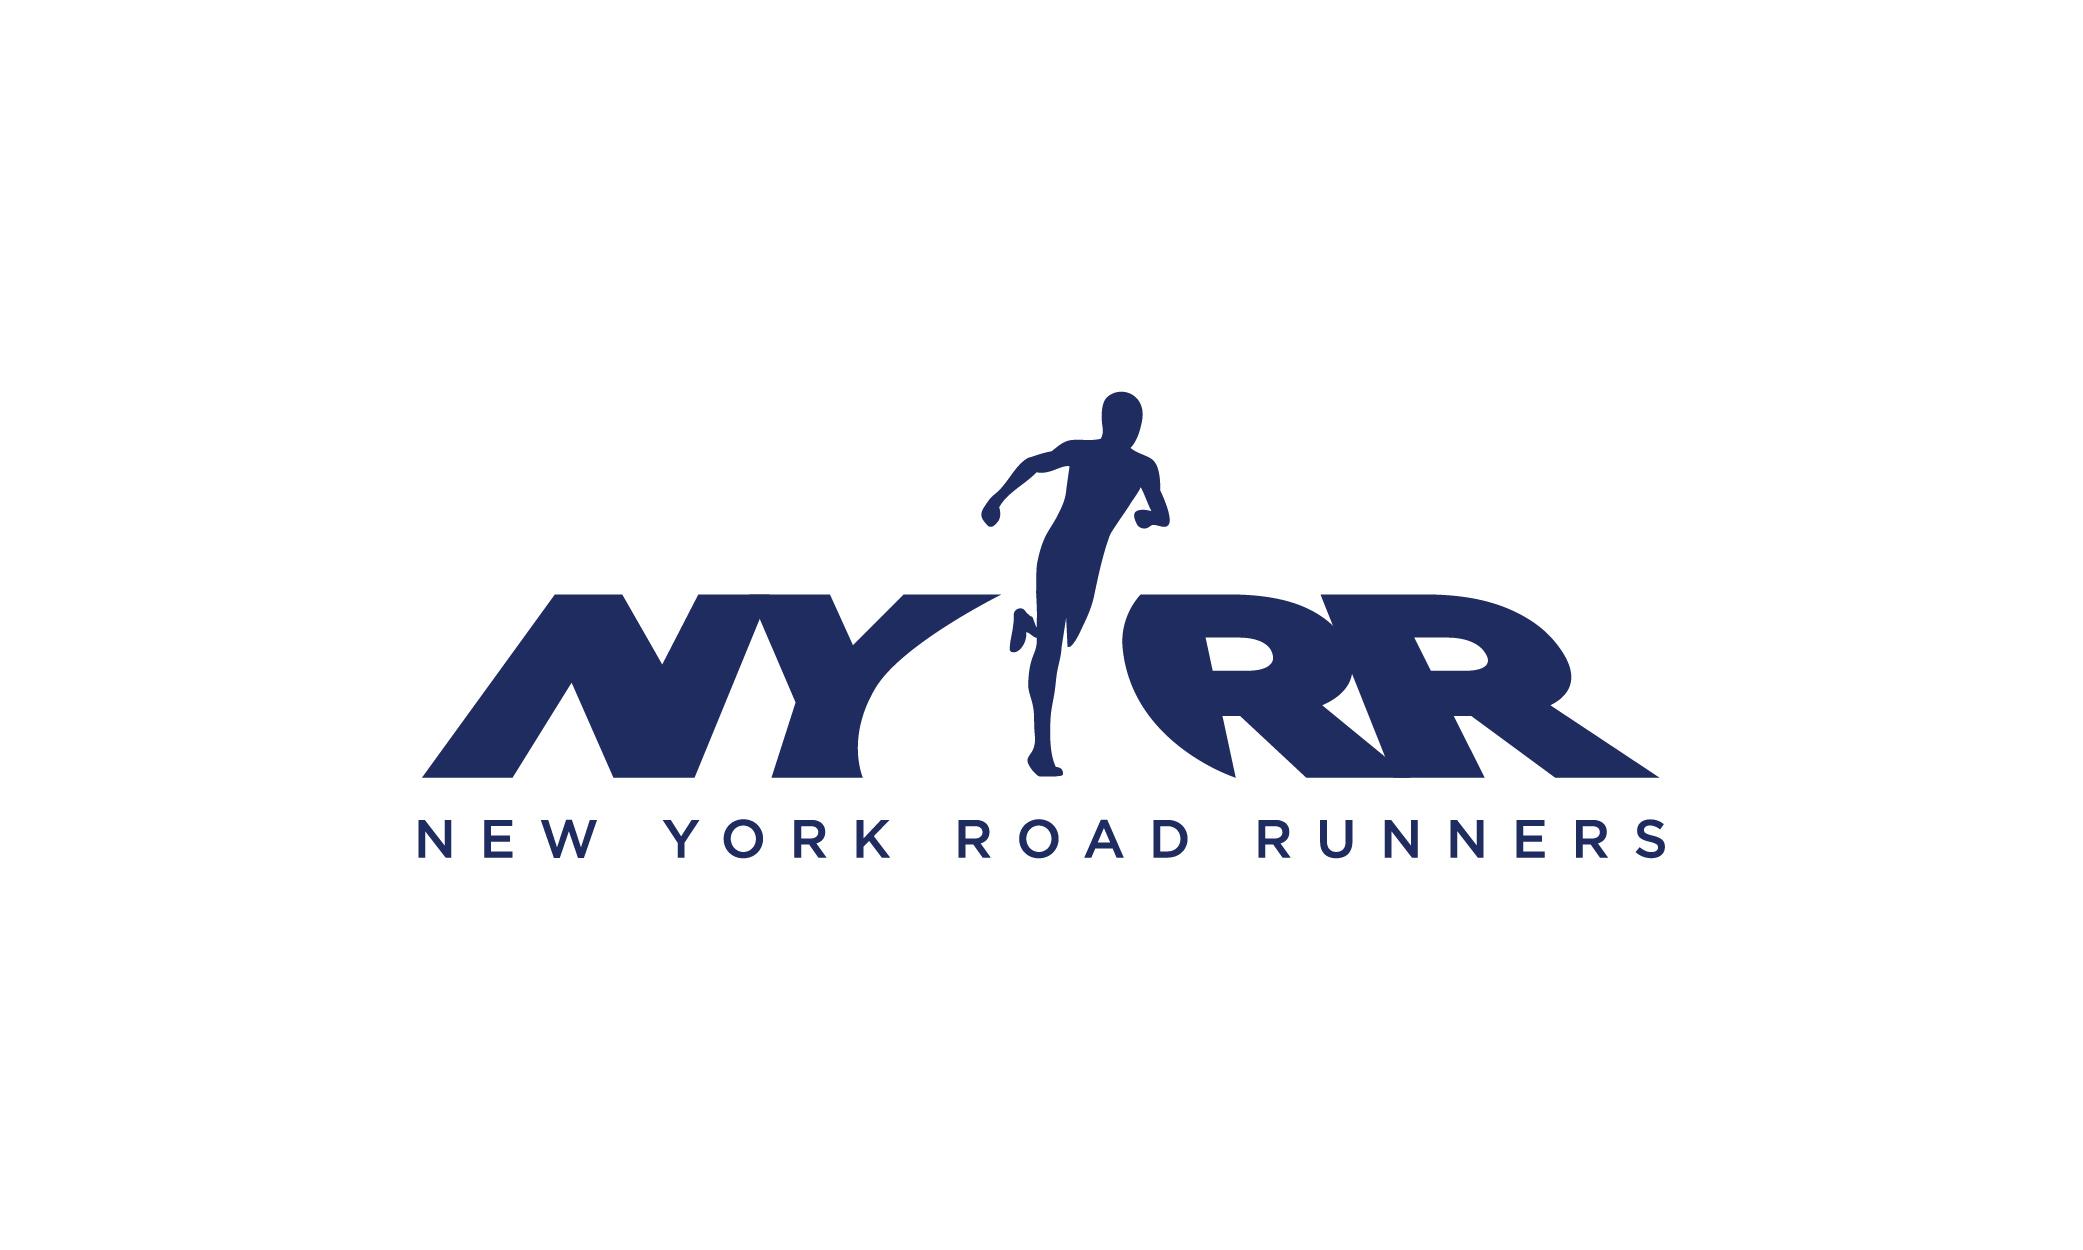 nyrr_logo_millrosesite-01.jpg